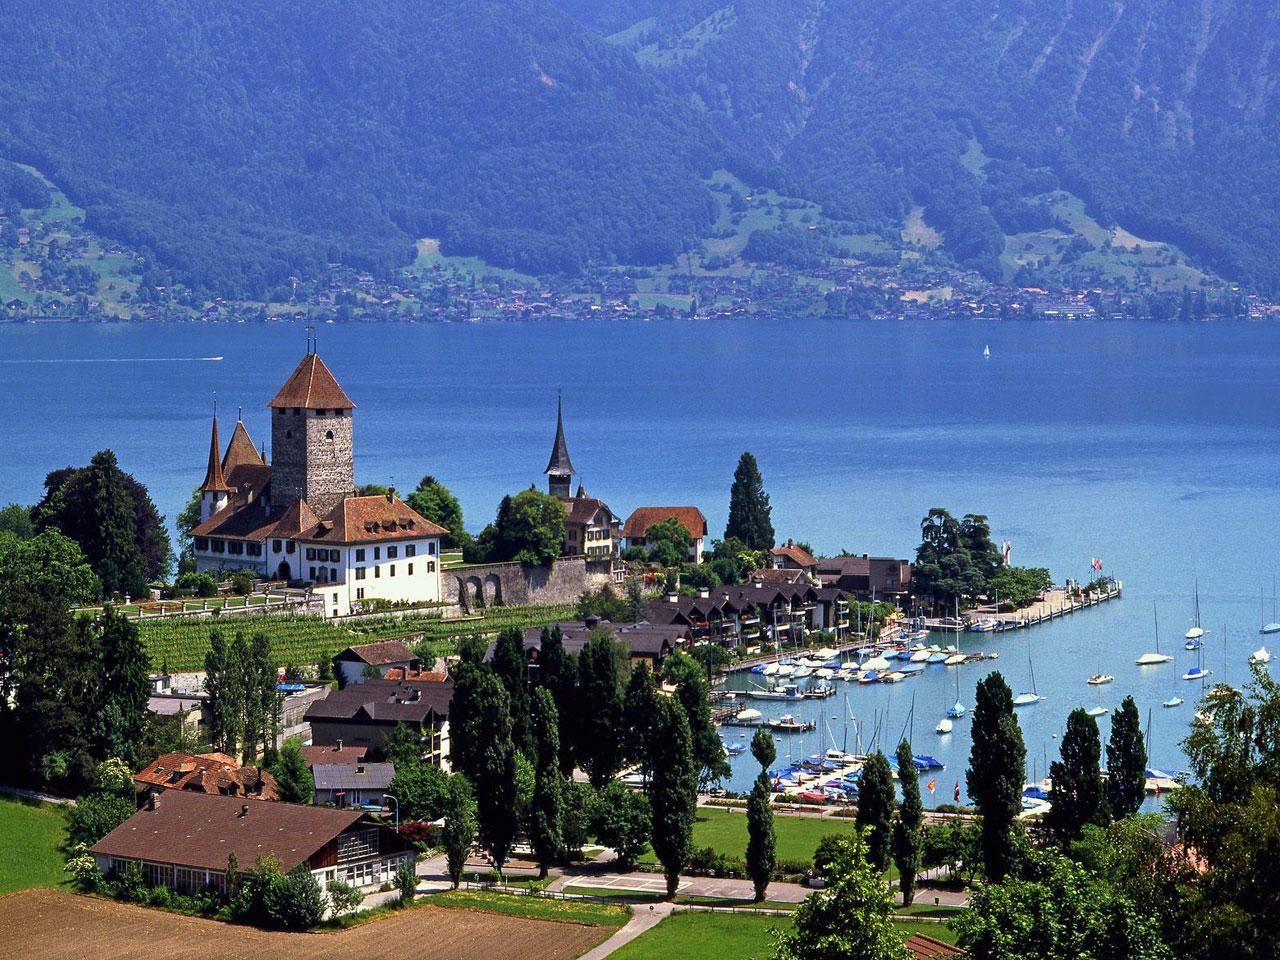 Днем покрова, швейцария картинки красивые